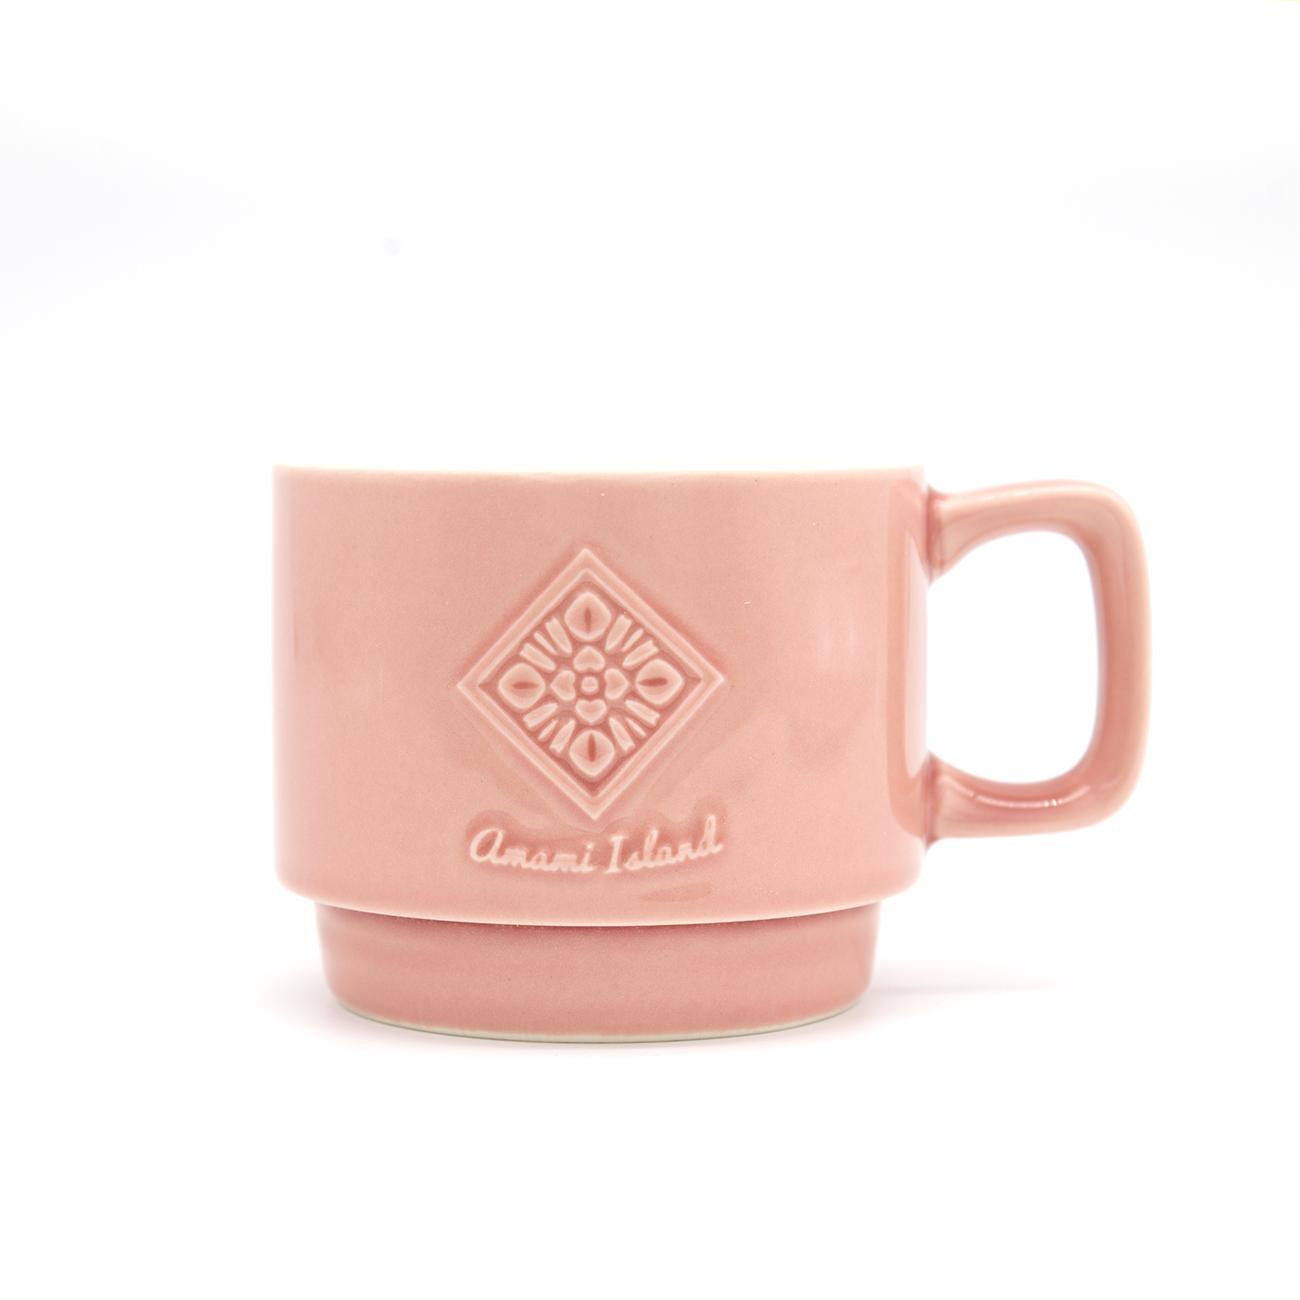 オリジナルマグカップ | ピンク | 紬柄